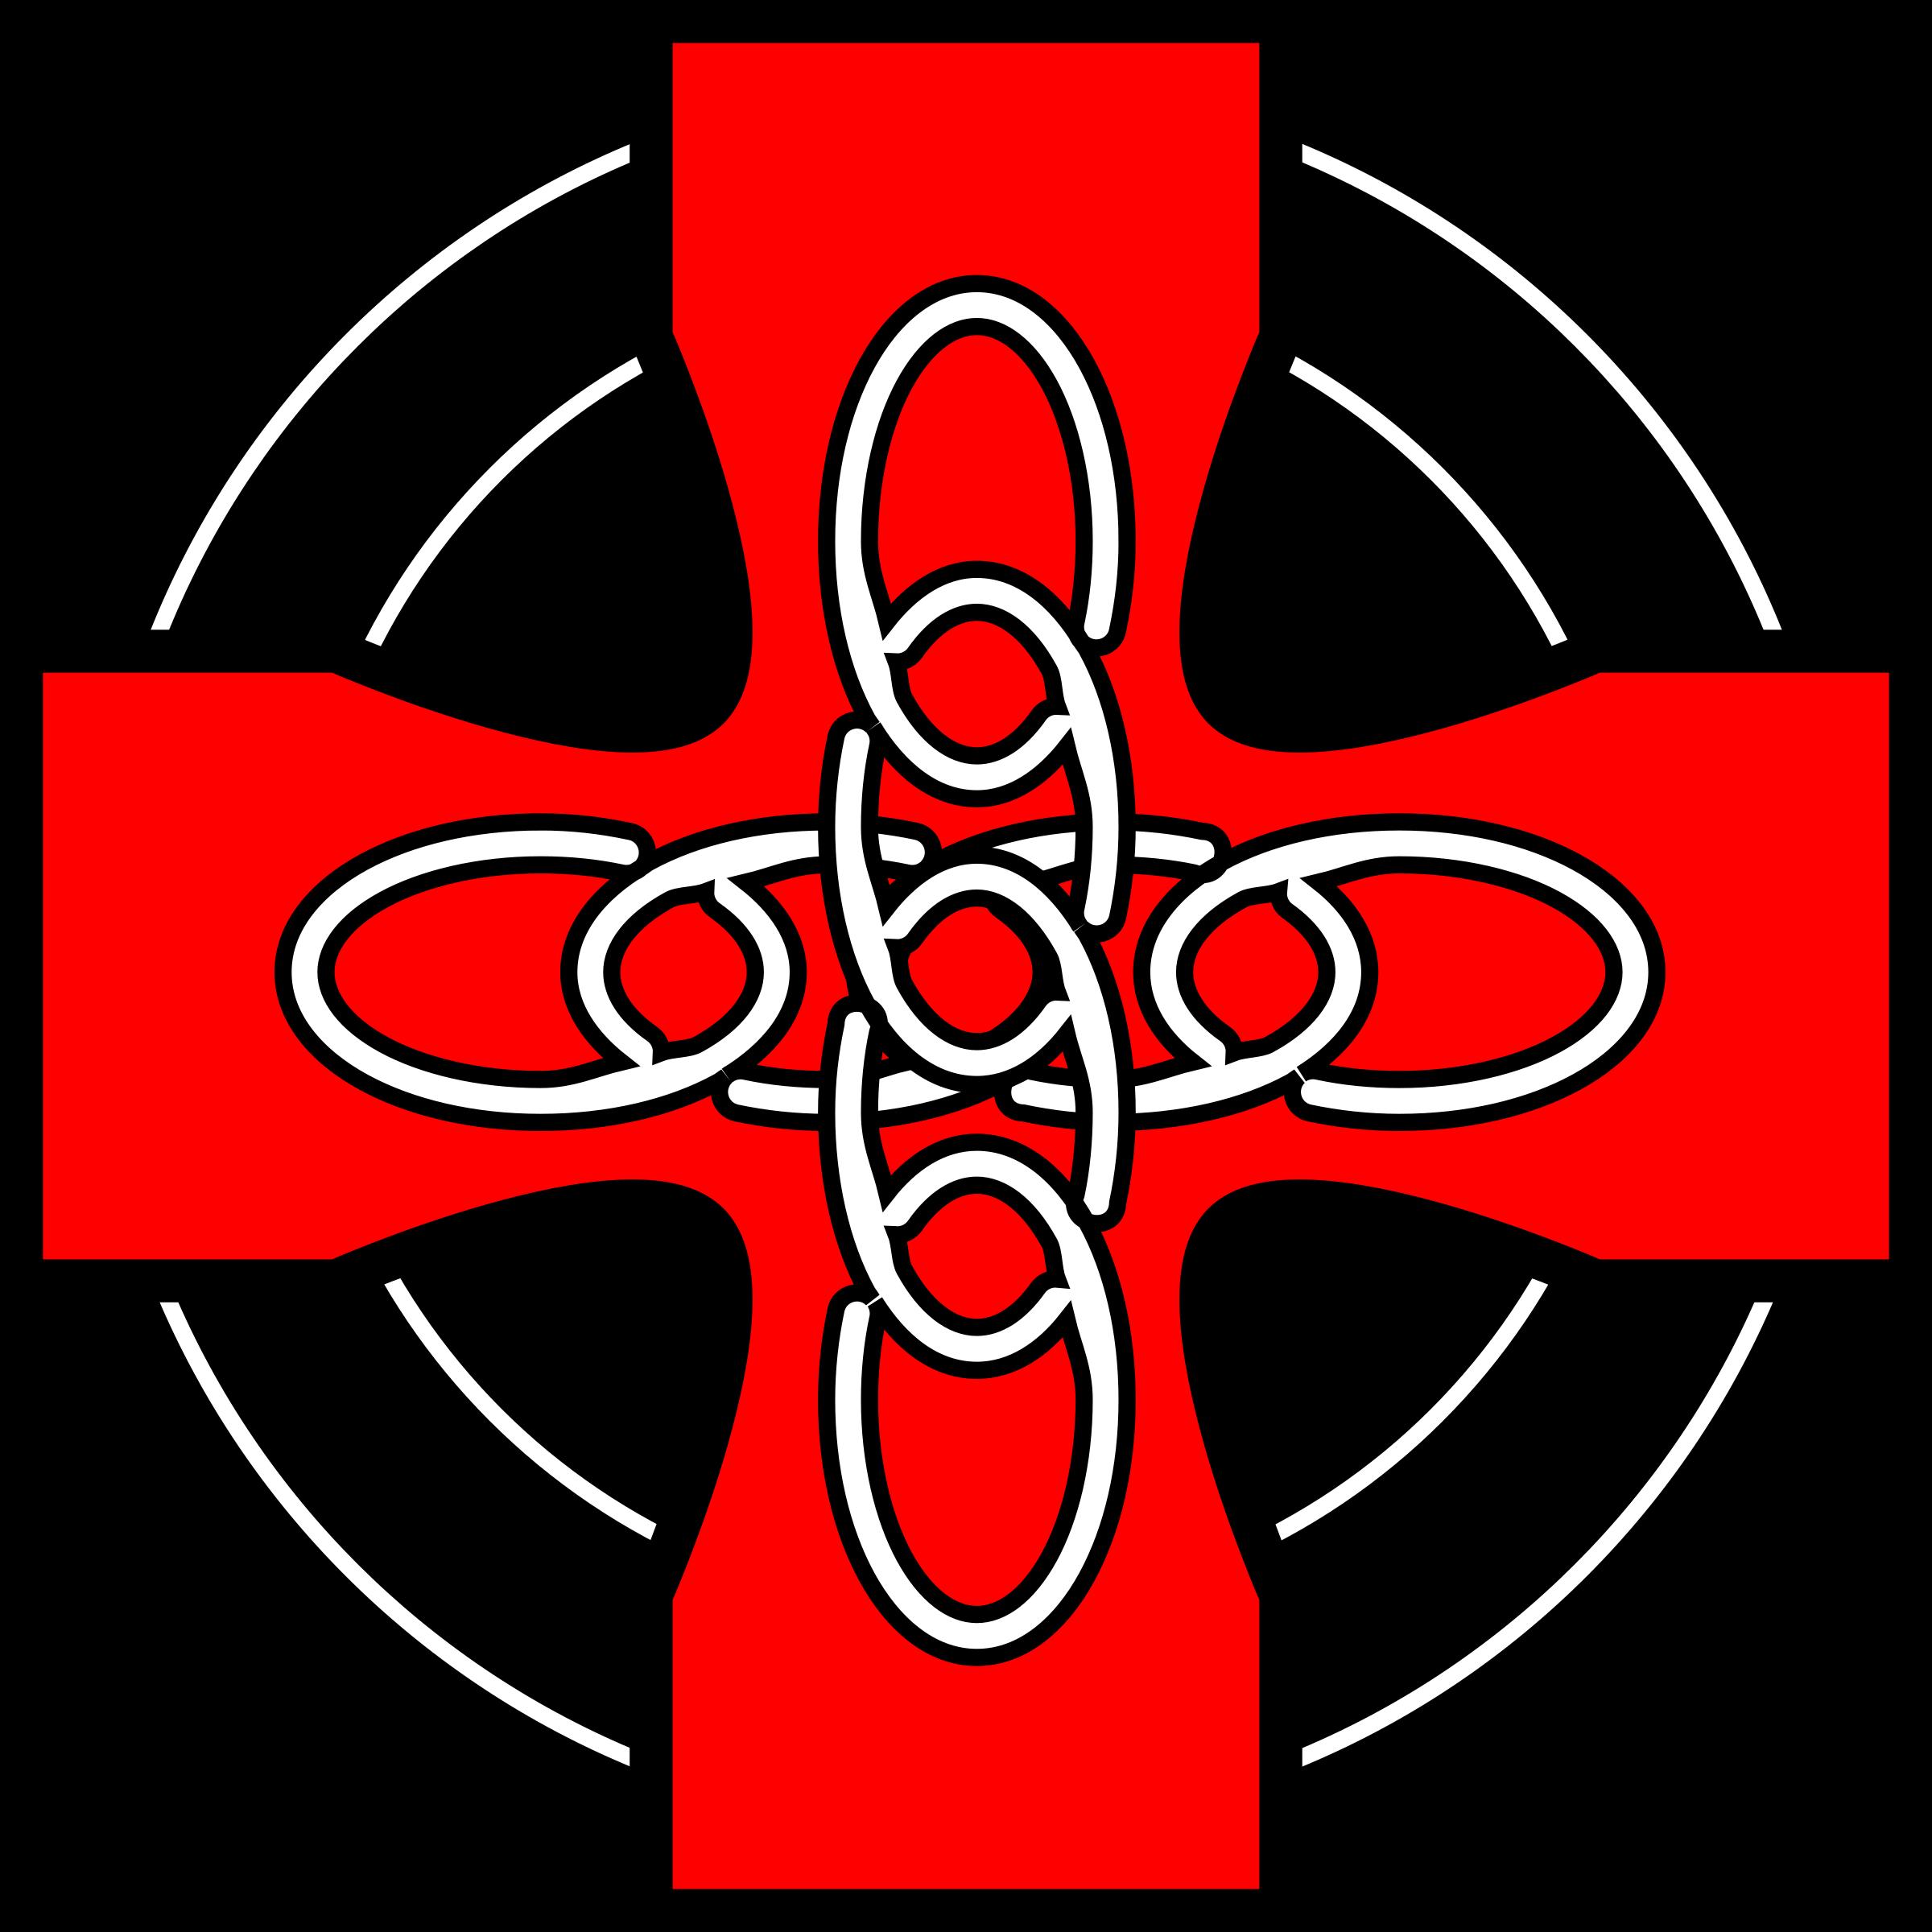 Celt clipart basic Cross Clipart Celtic Cross Celtic